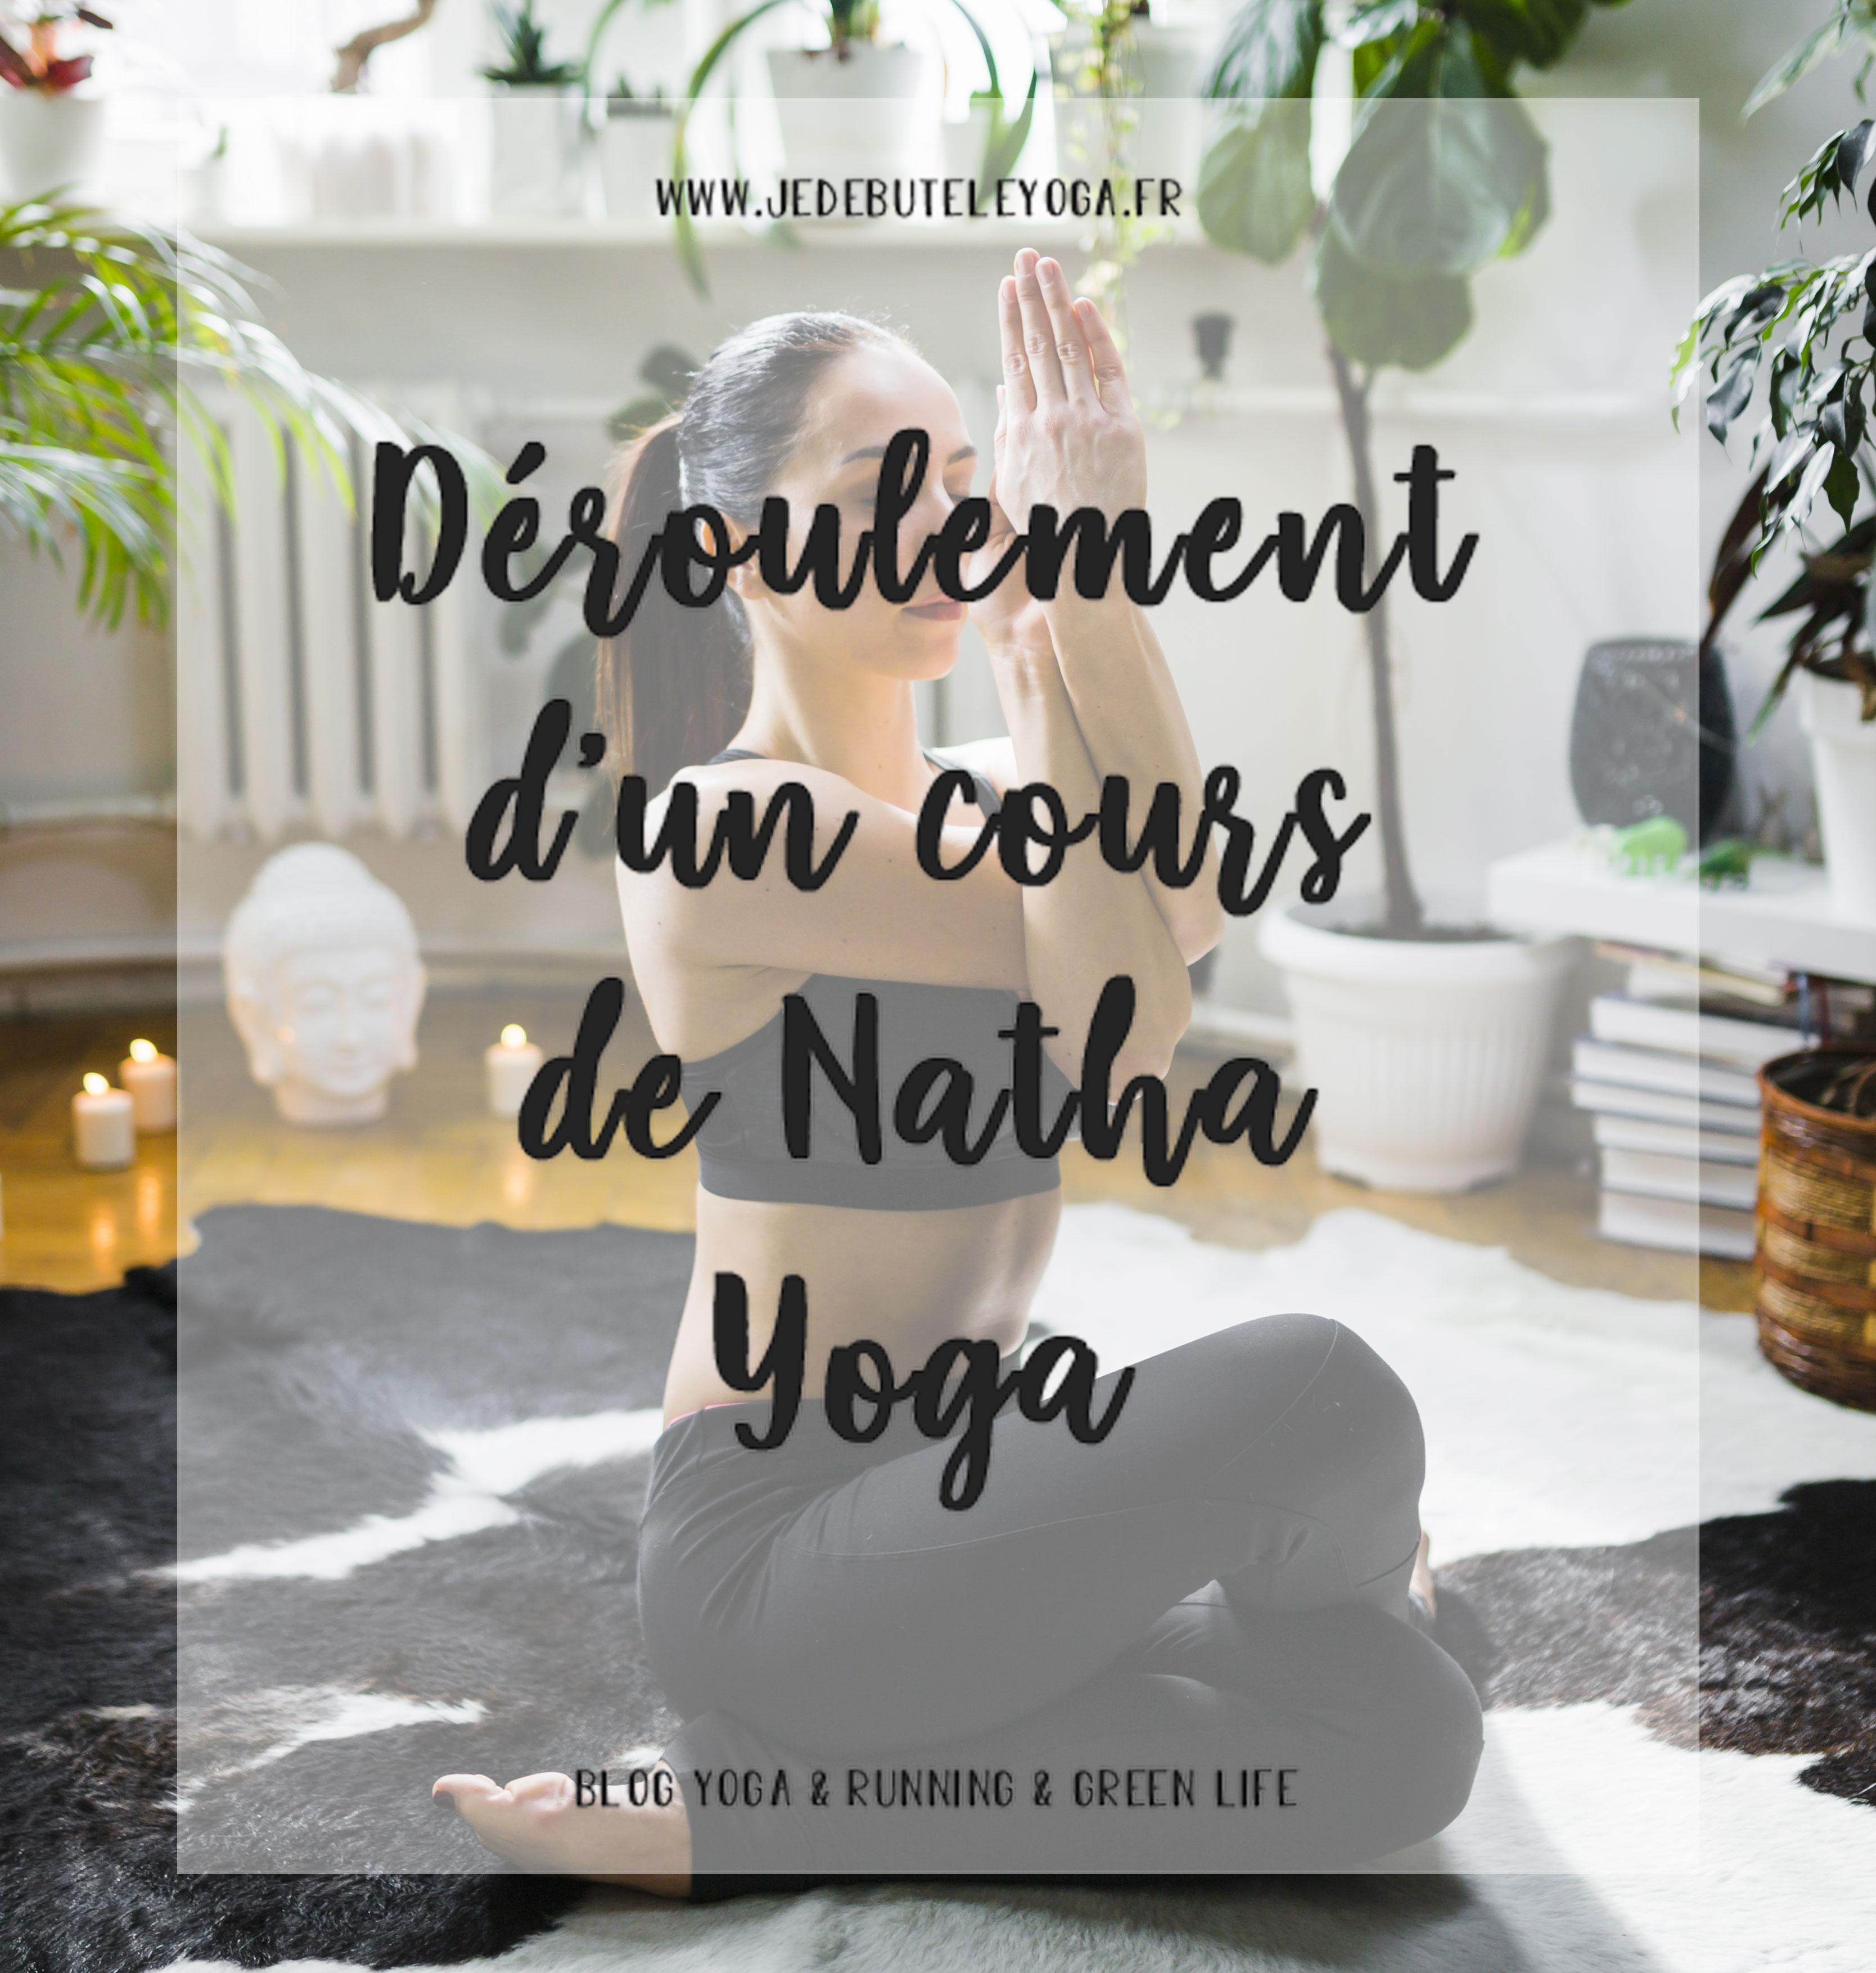 déroulement d'un cours de natha yoga